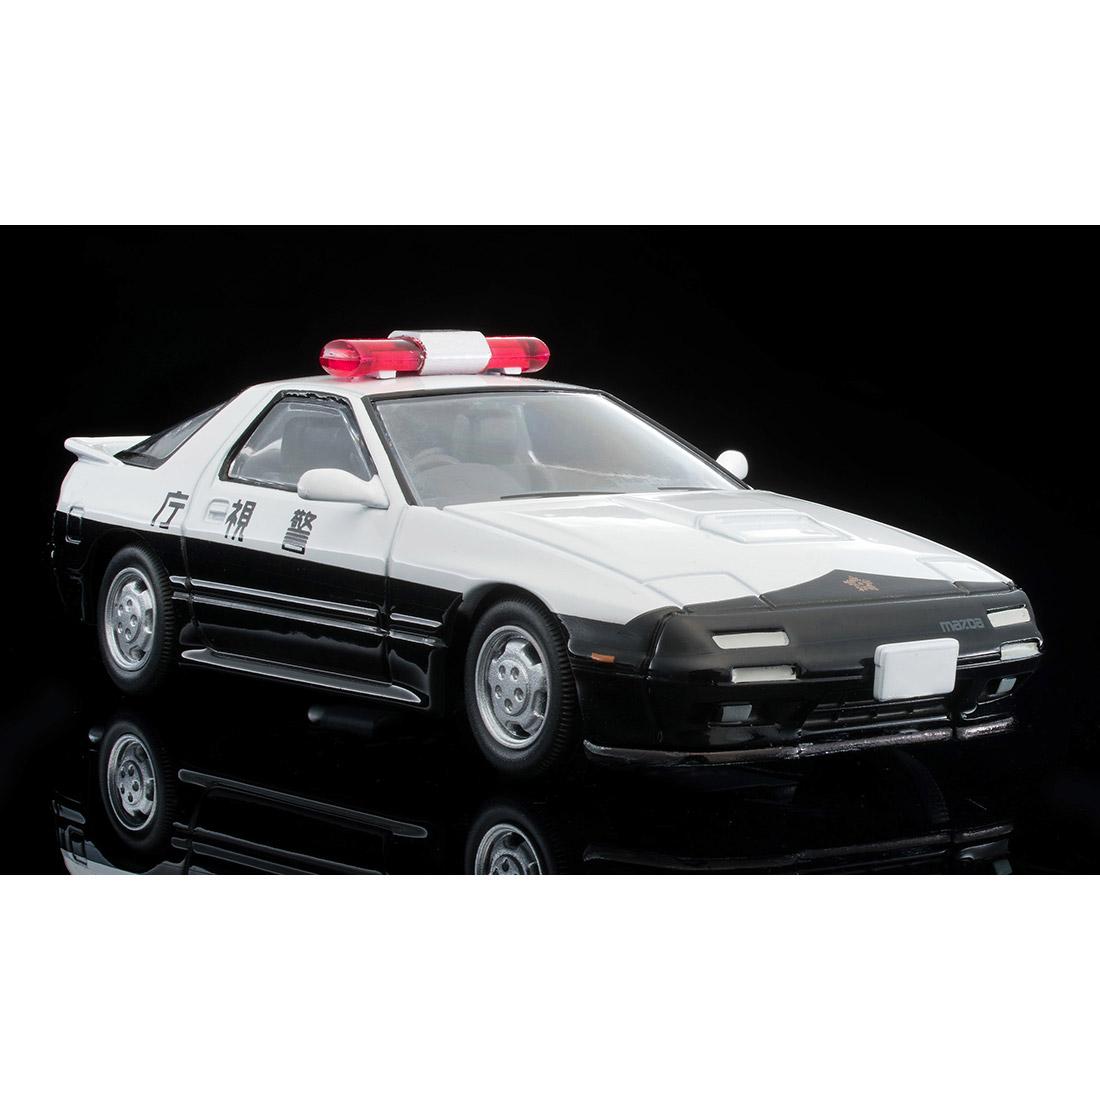 トミカリミテッドヴィンテージ ネオ『LV-N214a マツダ サバンナRX-7 パトカー(警視庁)』ミニカー-008